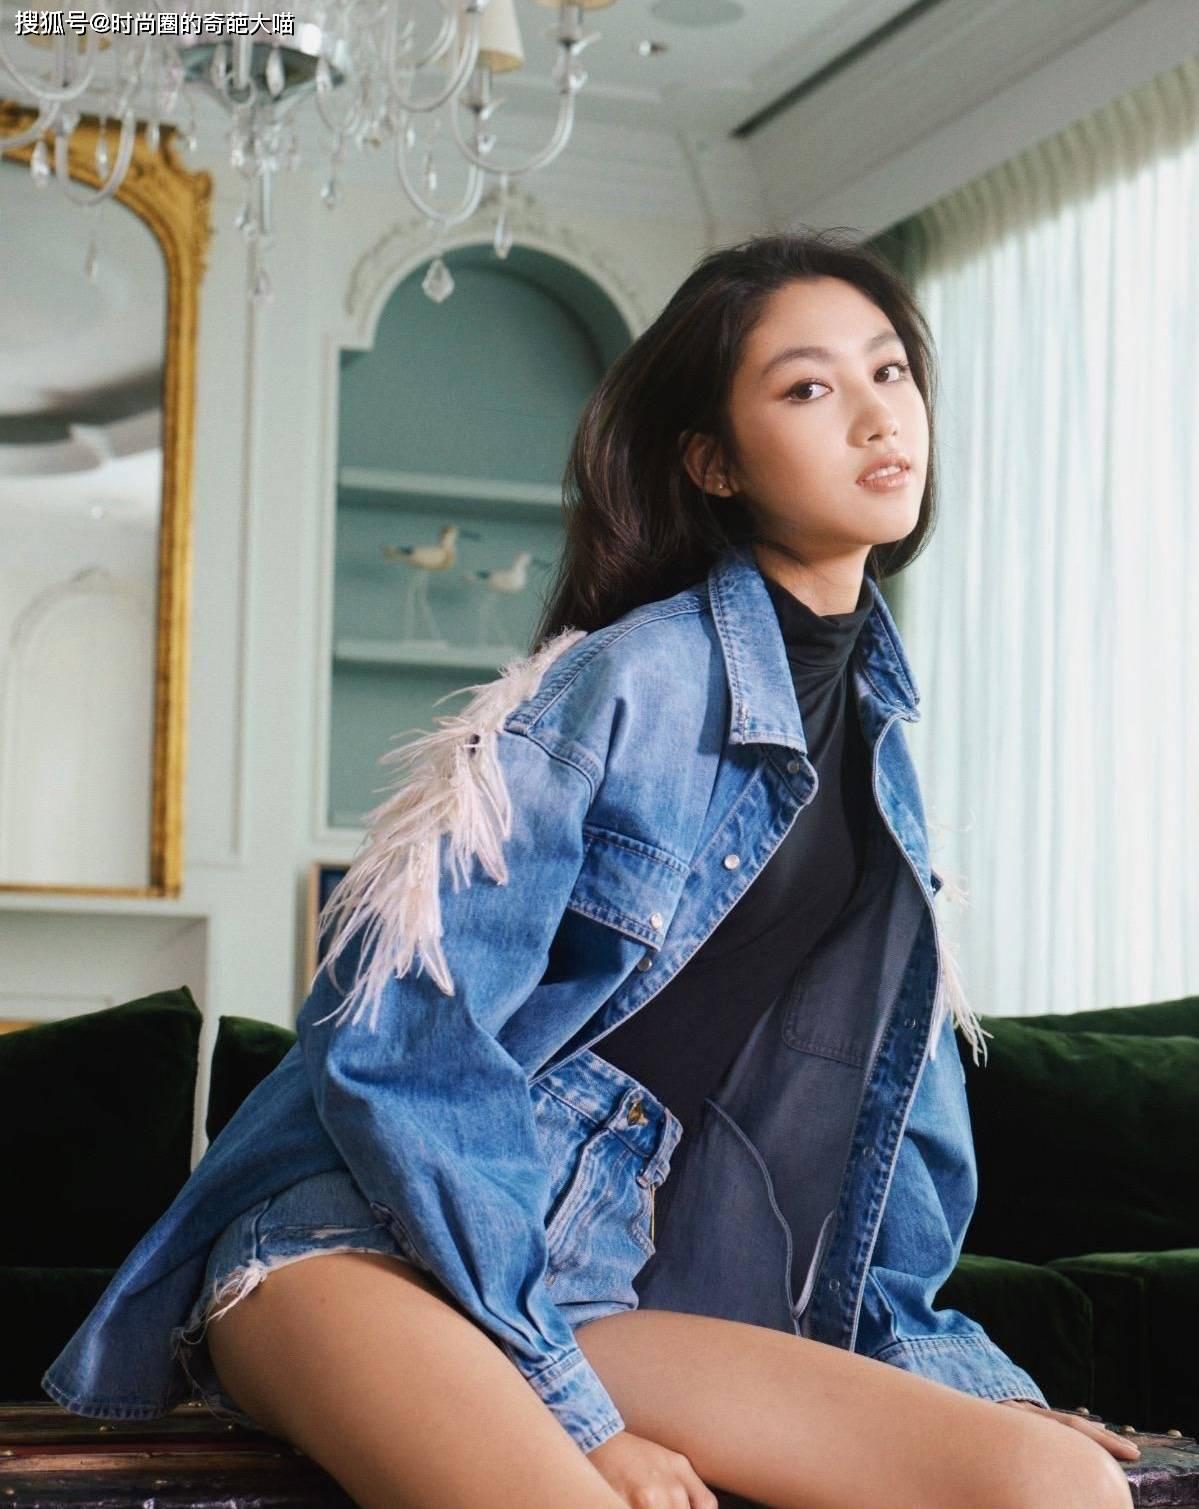 任达华女儿15岁就超模范十足,逆天长腿拍大片,不进时尚圈可惜了